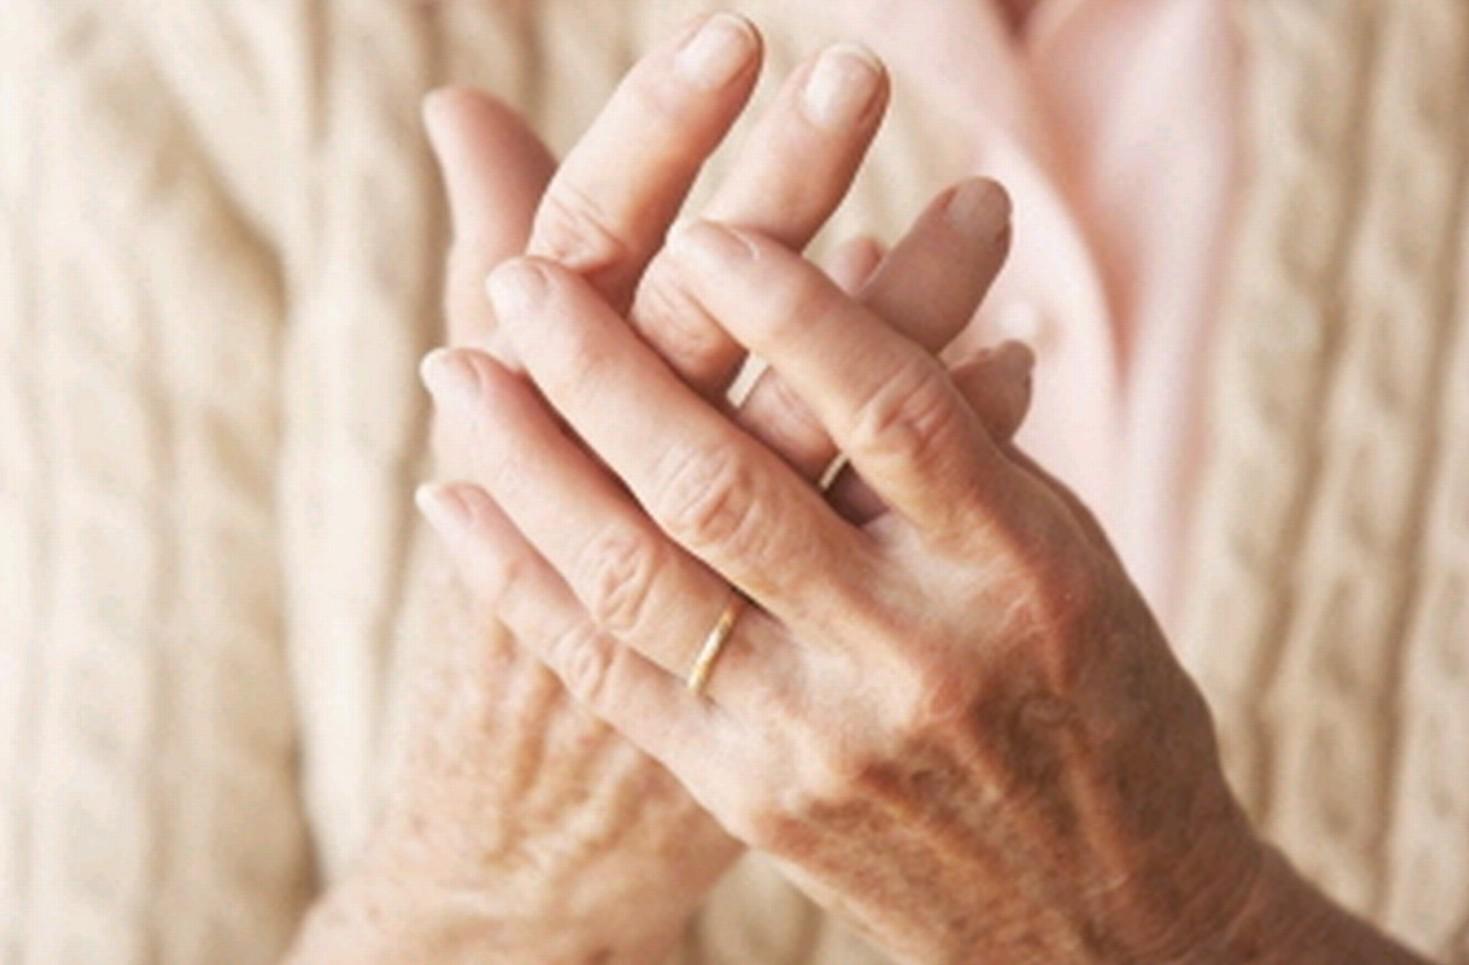 Malattie reumatiche e possibile relazion